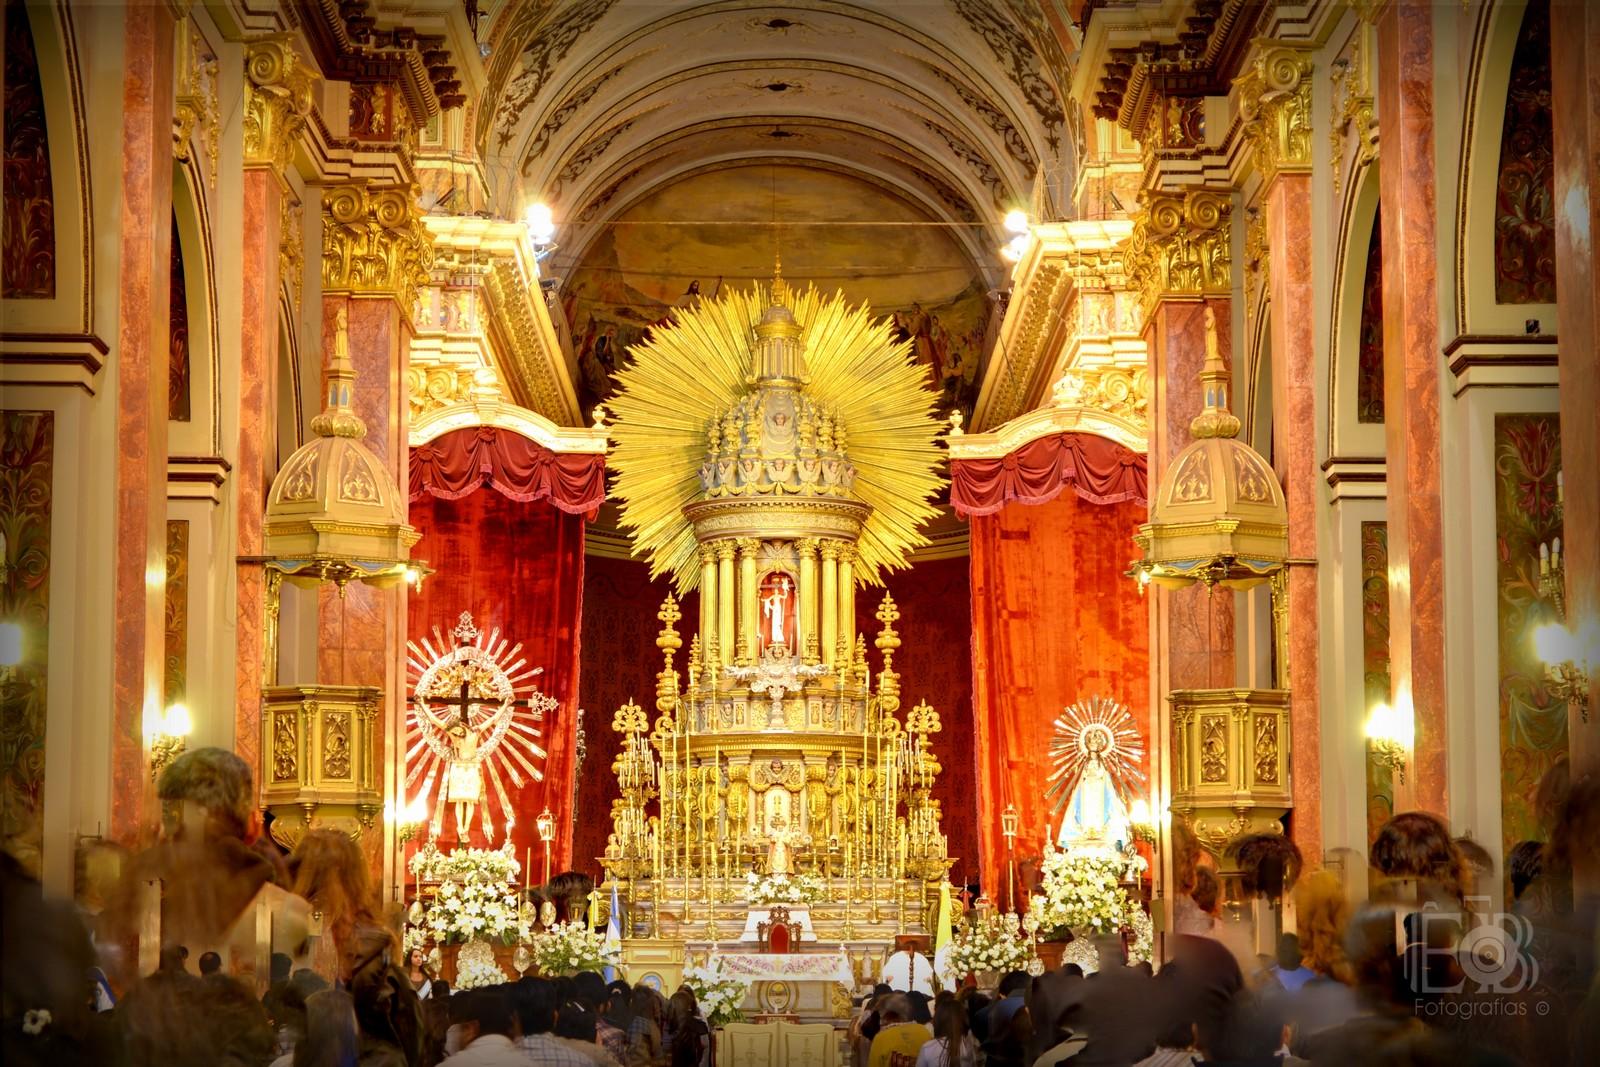 Protectora contra los Terremotos: Nuestra Señora del Milagro, Salta, Argentina (15 sep)